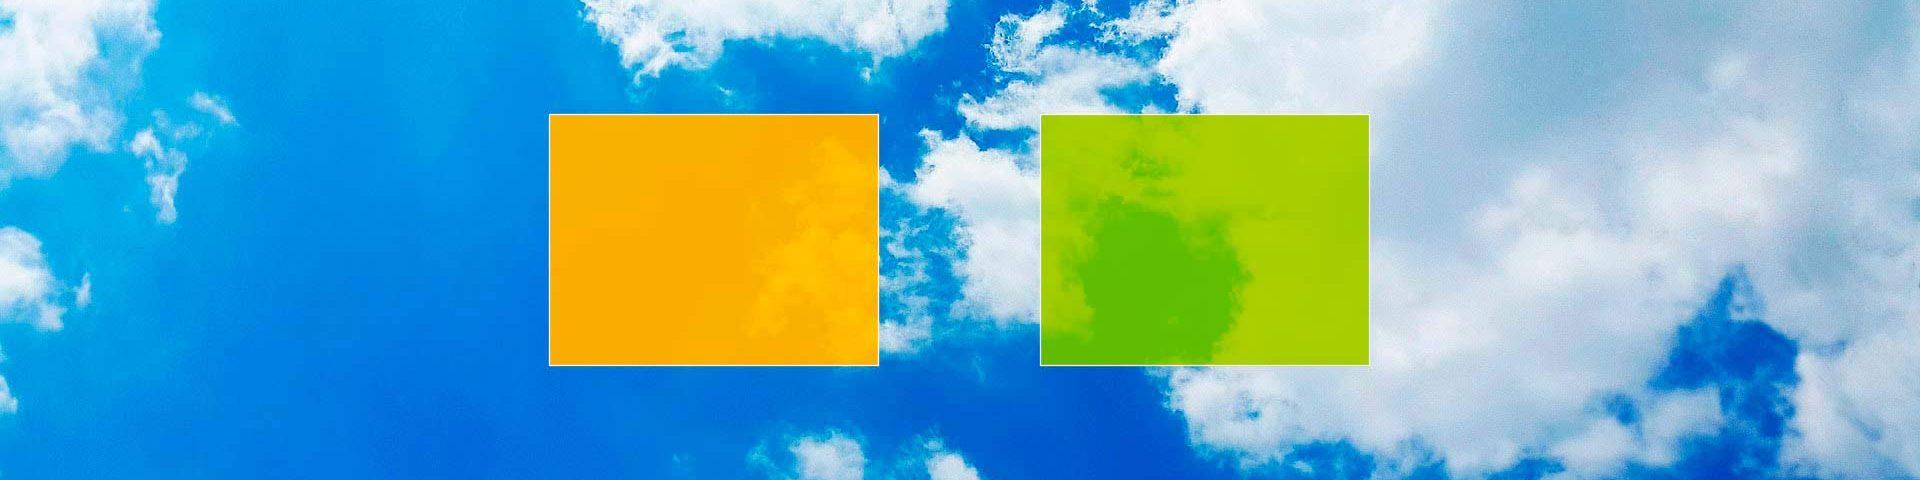 Contact energieblokjes in wolkenlucht